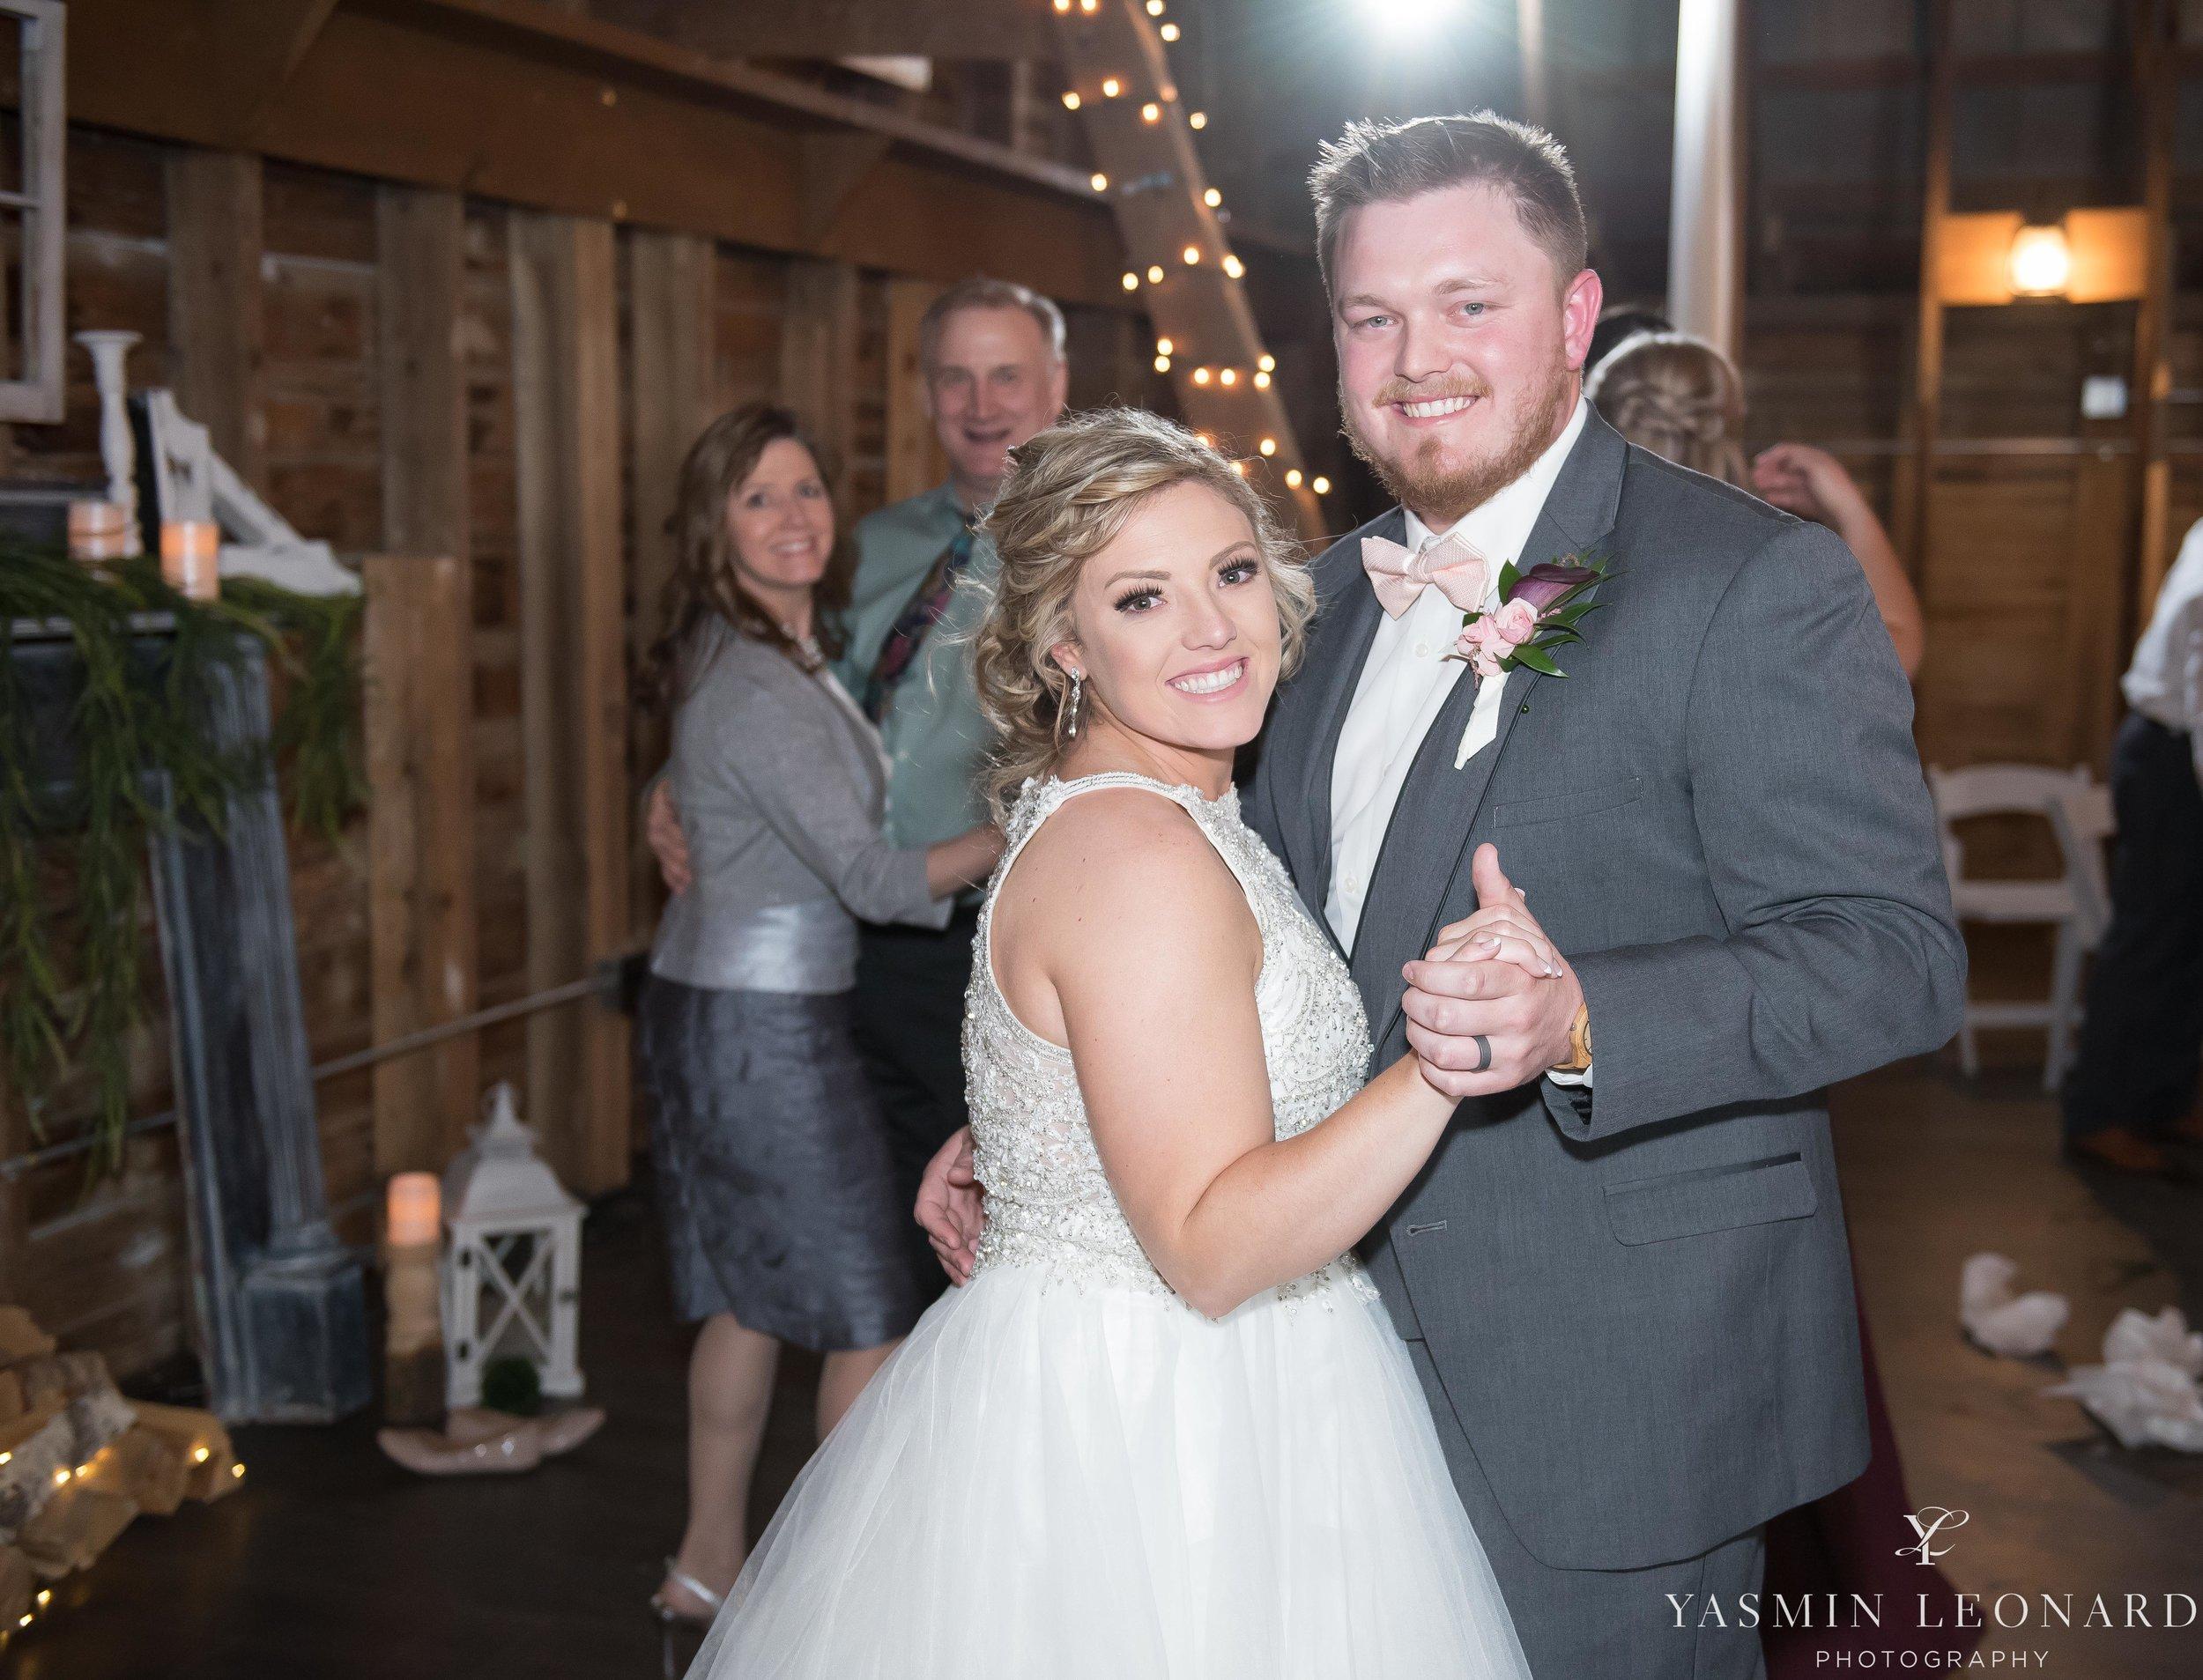 Millikan Farms - Millikan Farms Wedding - Sophia NC Wedding - NC Wedding - NC Wedding Photographer - Yasmin Leonard Photography - High Point Photographer - Barn Wedding - Wedding Venues in NC - Triad Wedding Photographer-90.jpg